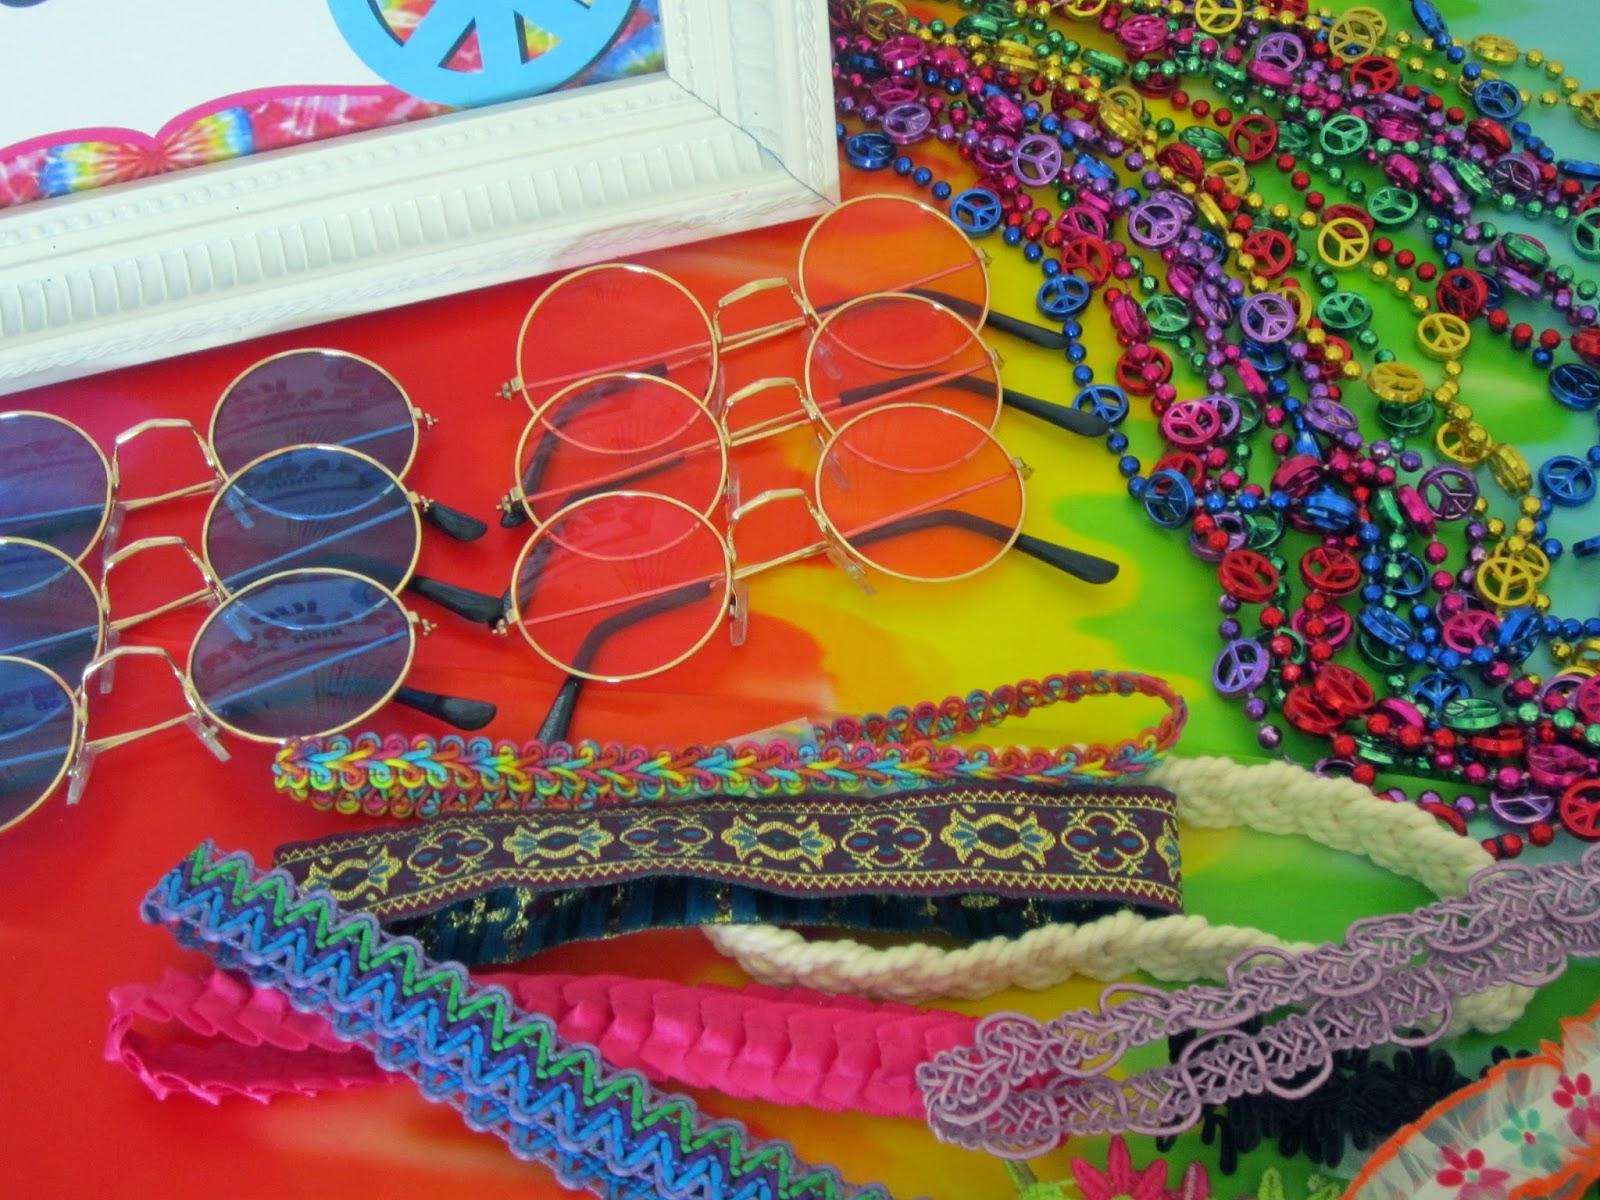 Festa Anos 60 Tamb 233 M 233 Festa Hippie Guia Tudo Festa